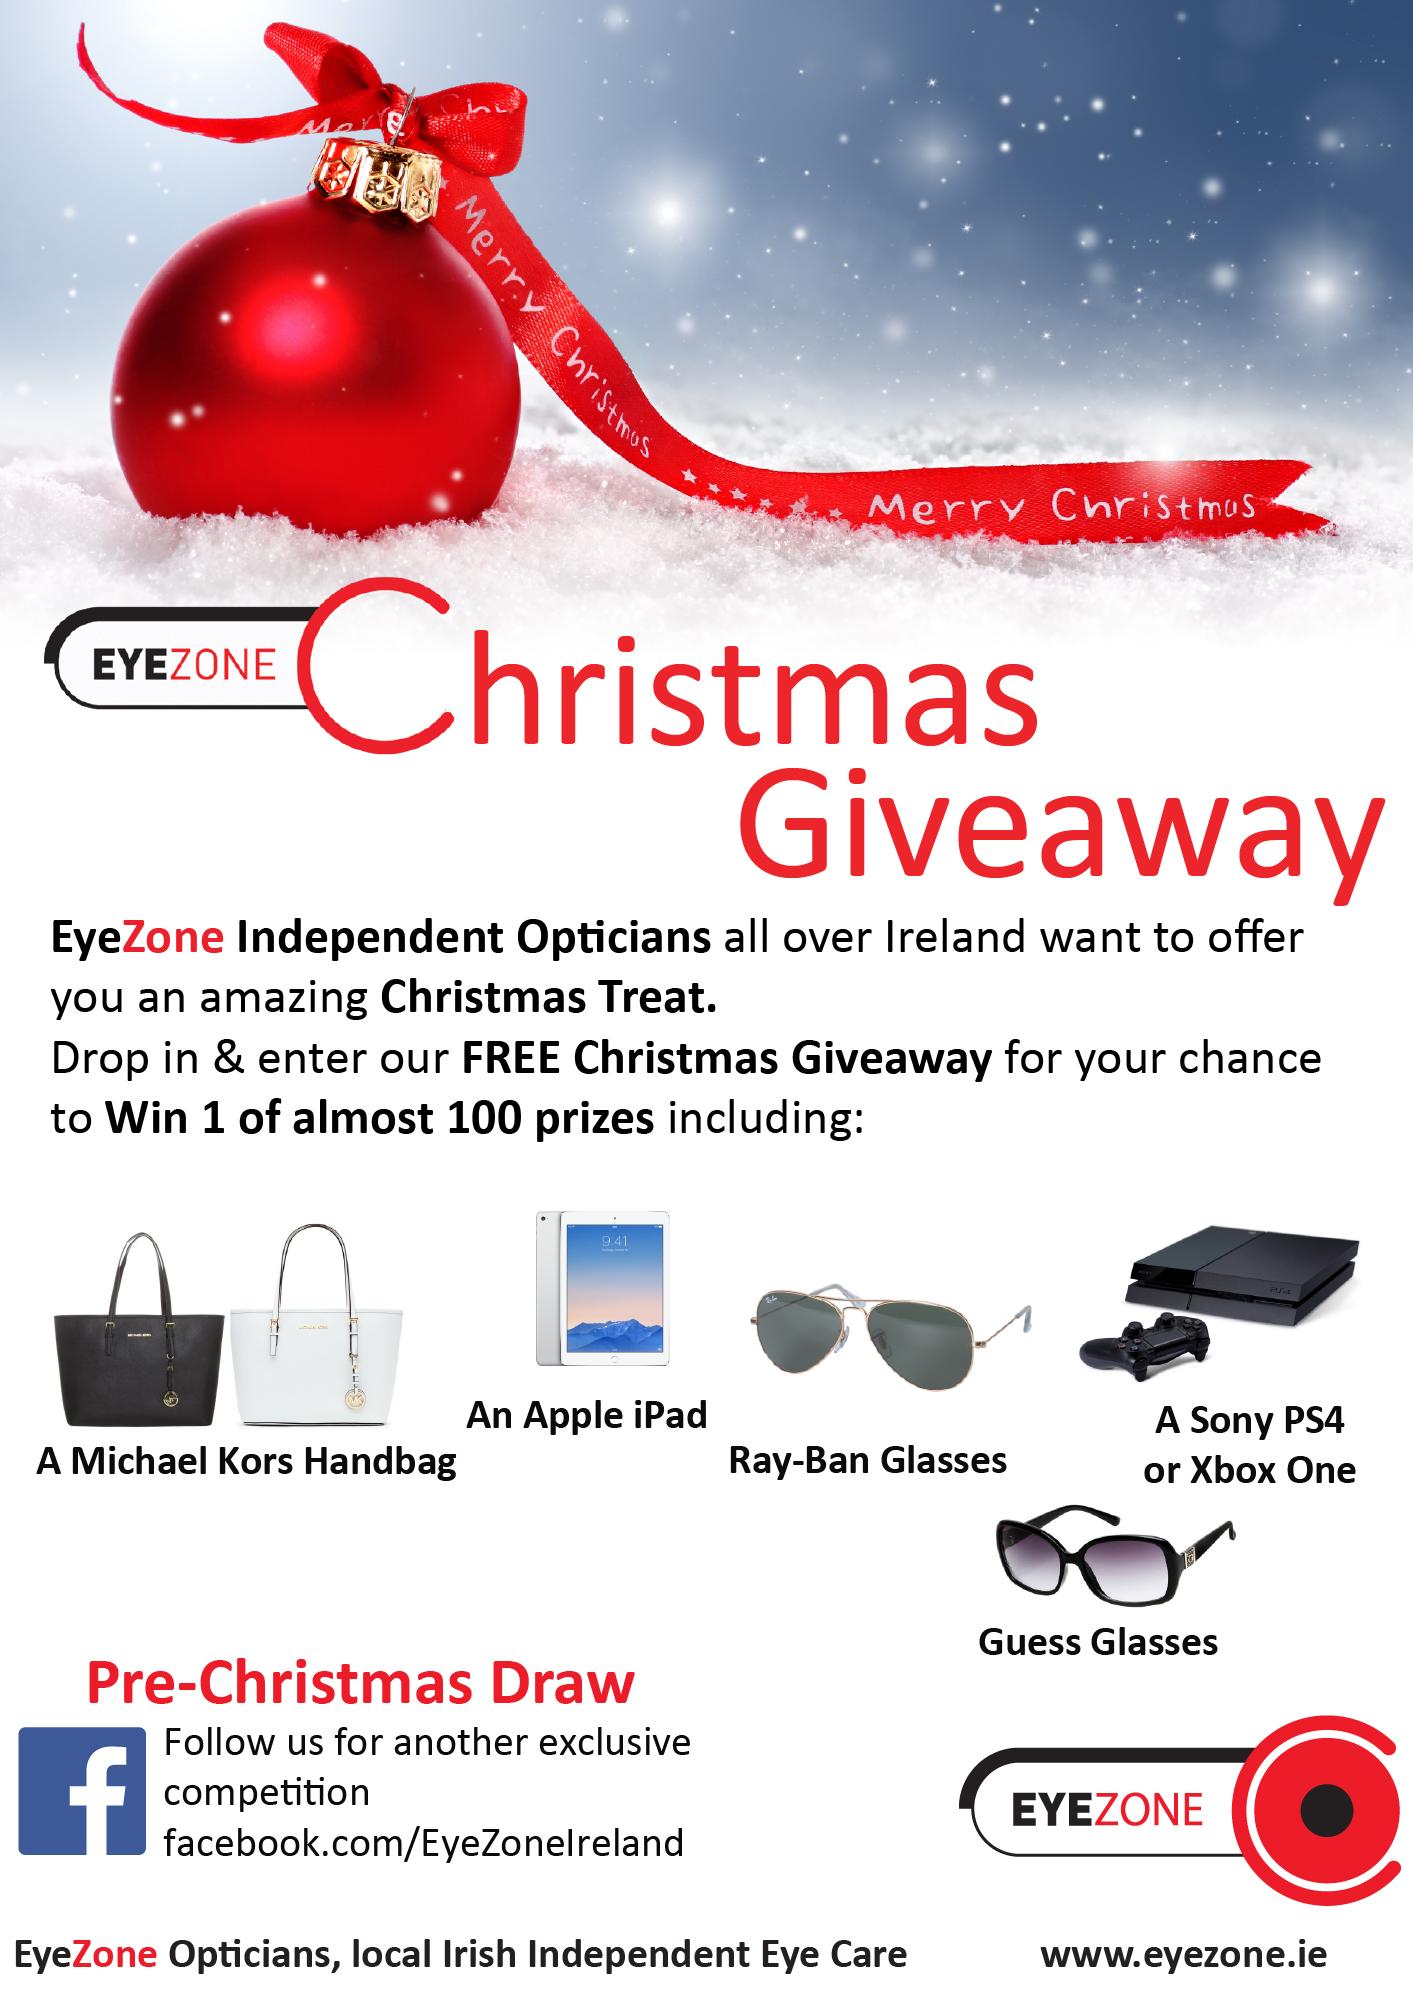 Eyezone Christmas Giveaway